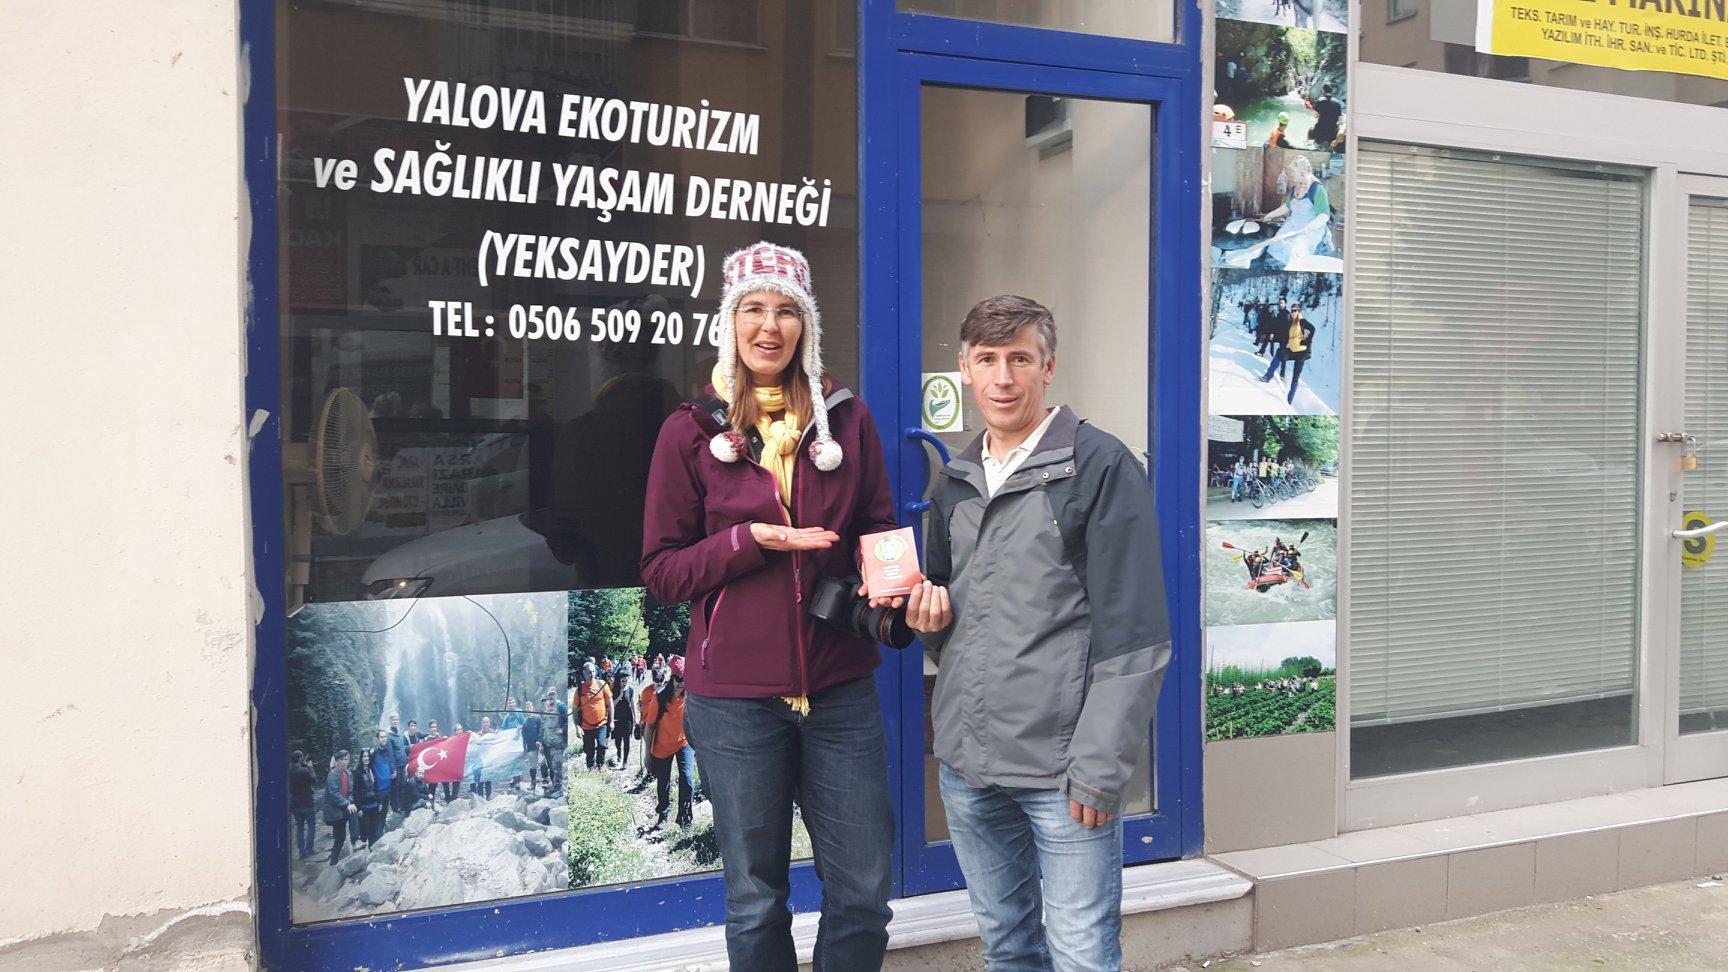 Ahmet Yiğit, de nieuwe manager in Yalova samen met Iris voor zijn kantoor